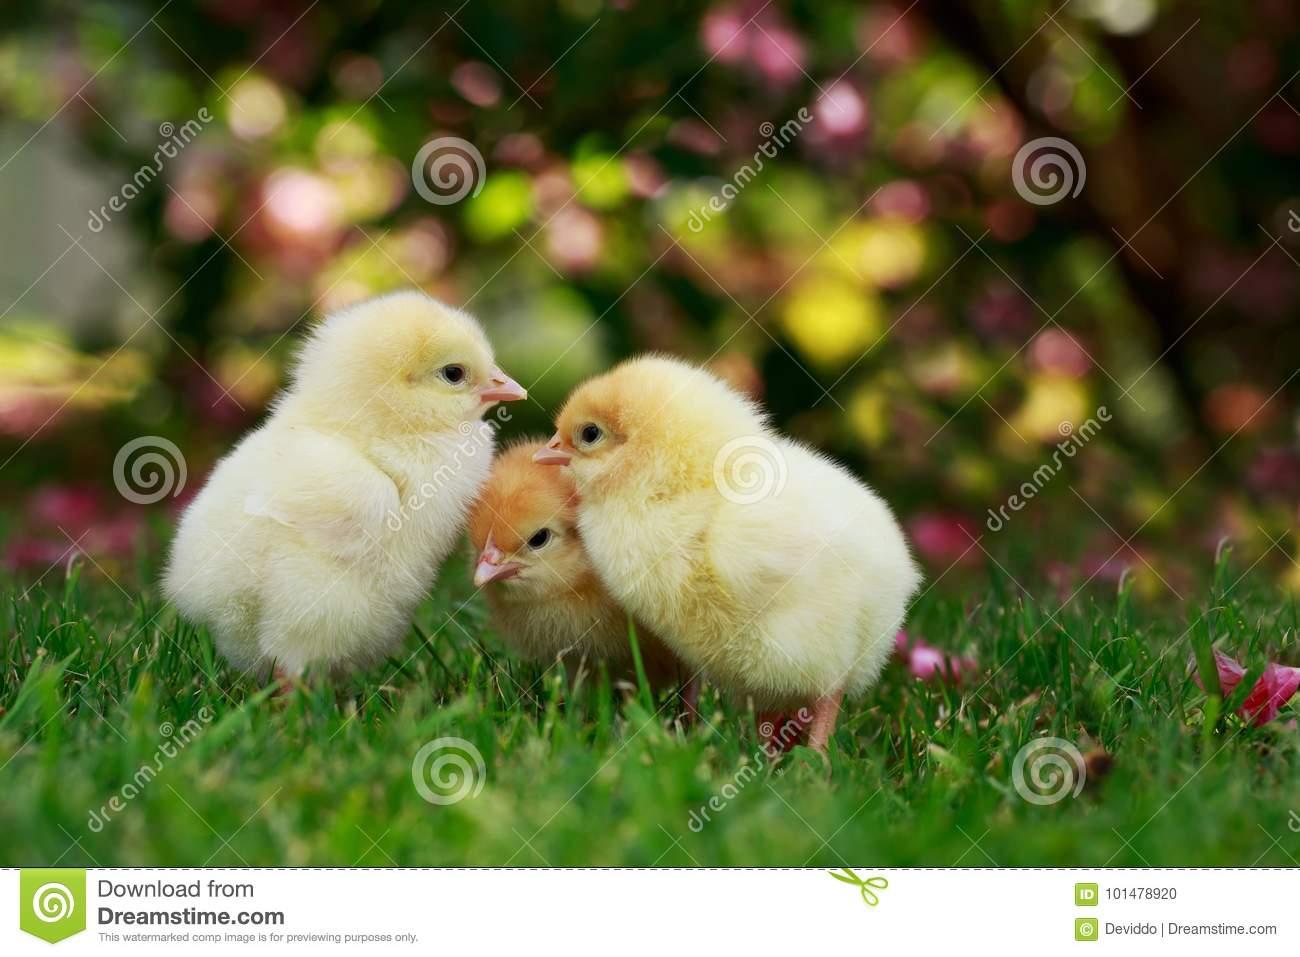 К чему снятся цыплята: маленькие, живые, цыплята во сне женщине.